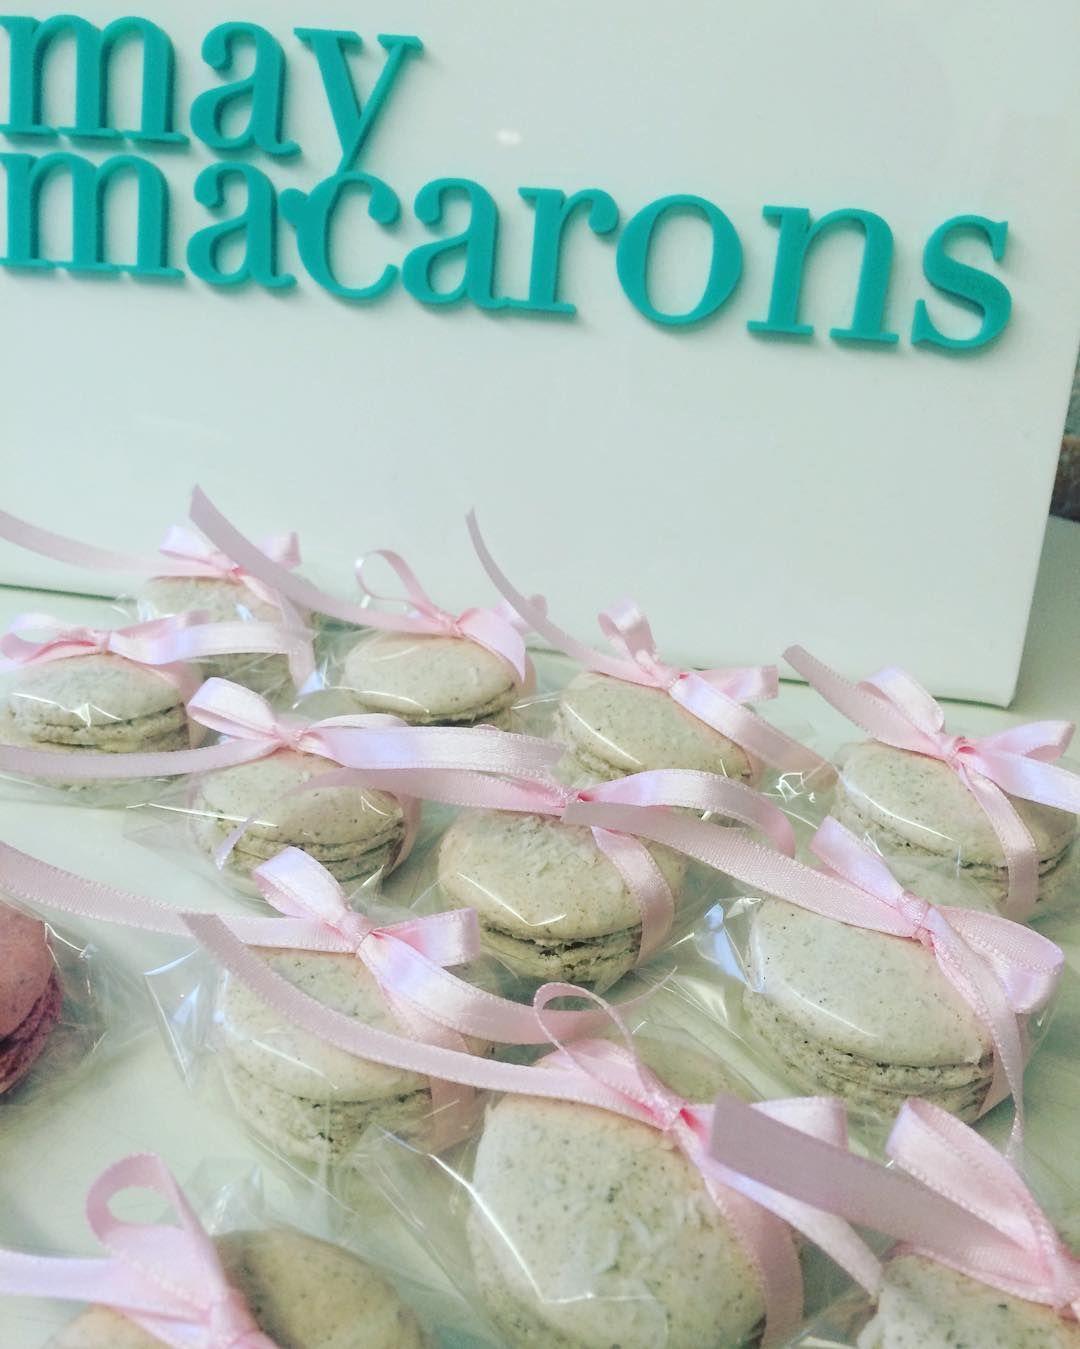 Bom dia! #maymacarons #macarons #eventos #casamento #macaronsdecorados #macaronspersonalizados #nossasembalagens